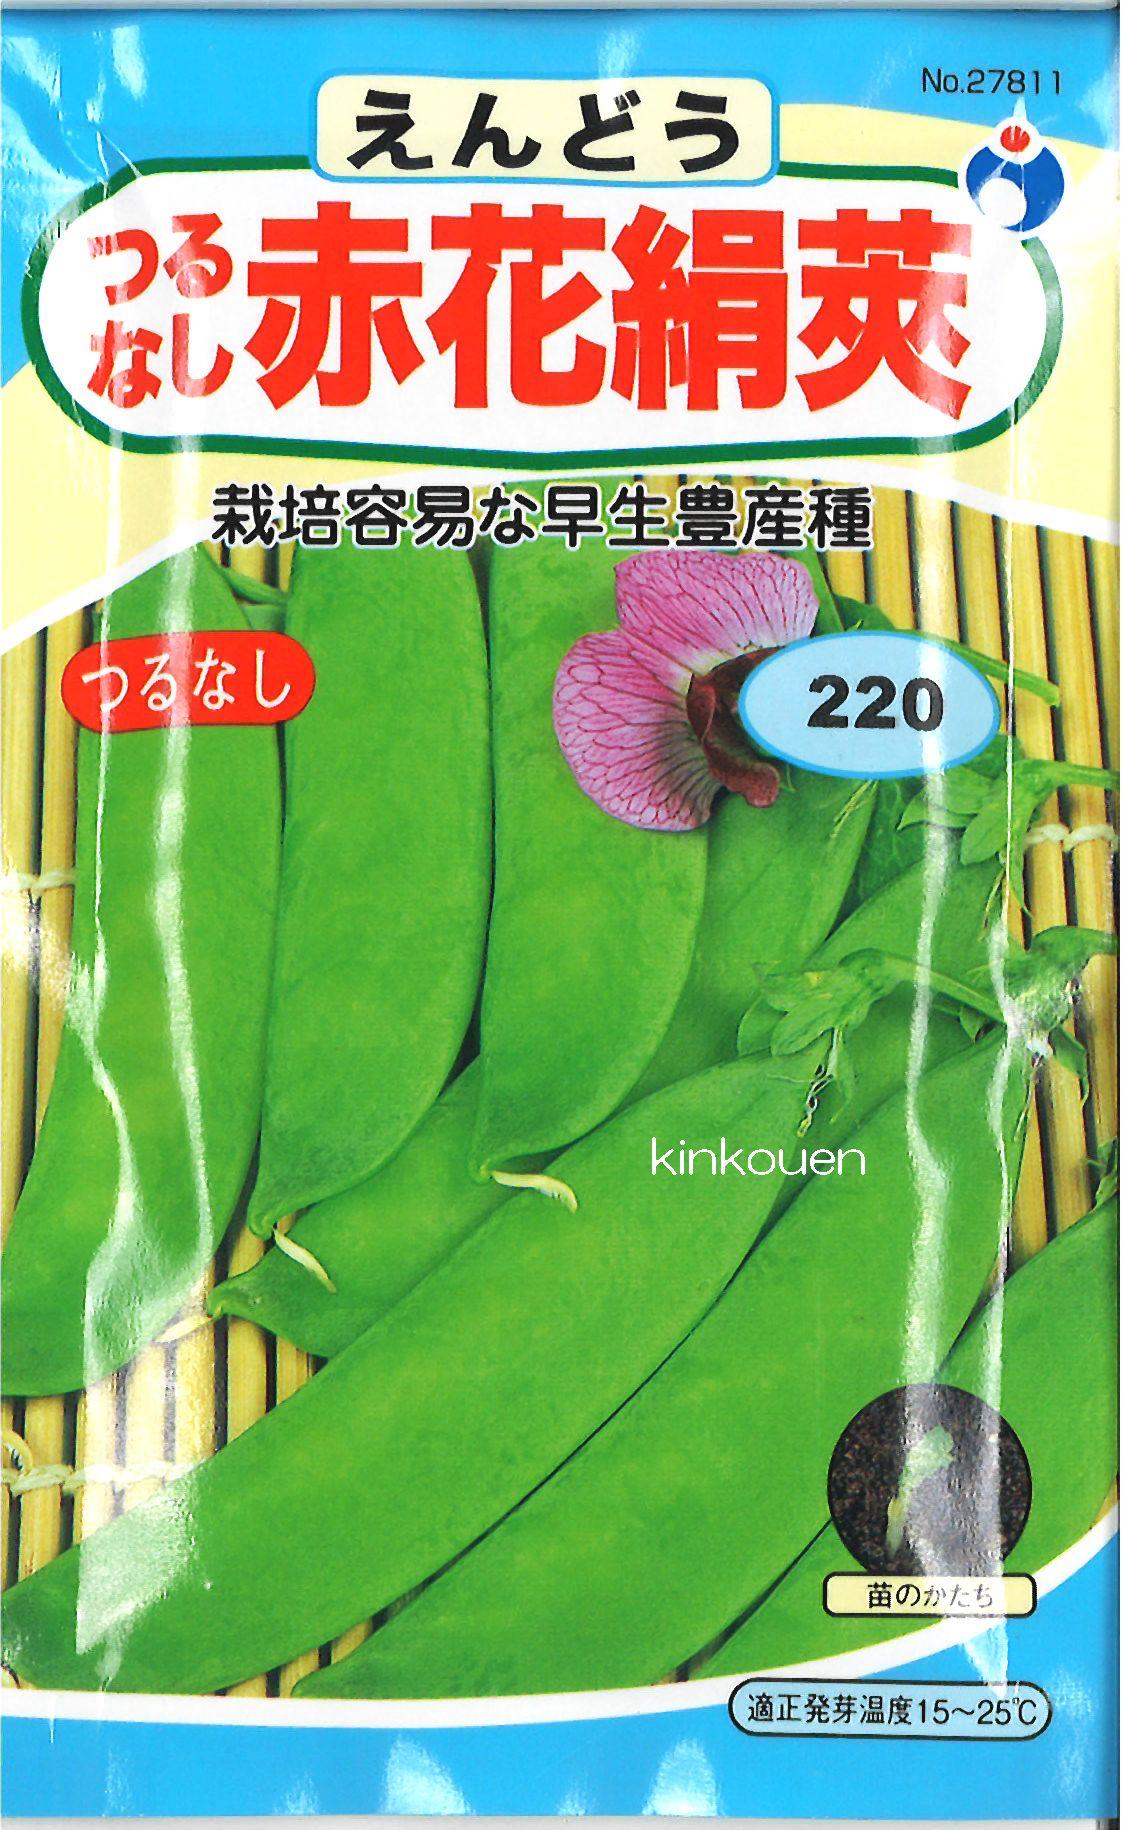 【代引不可】【5袋まで送料80円】 □ エンドウ つるなし赤花絹莢えんどう